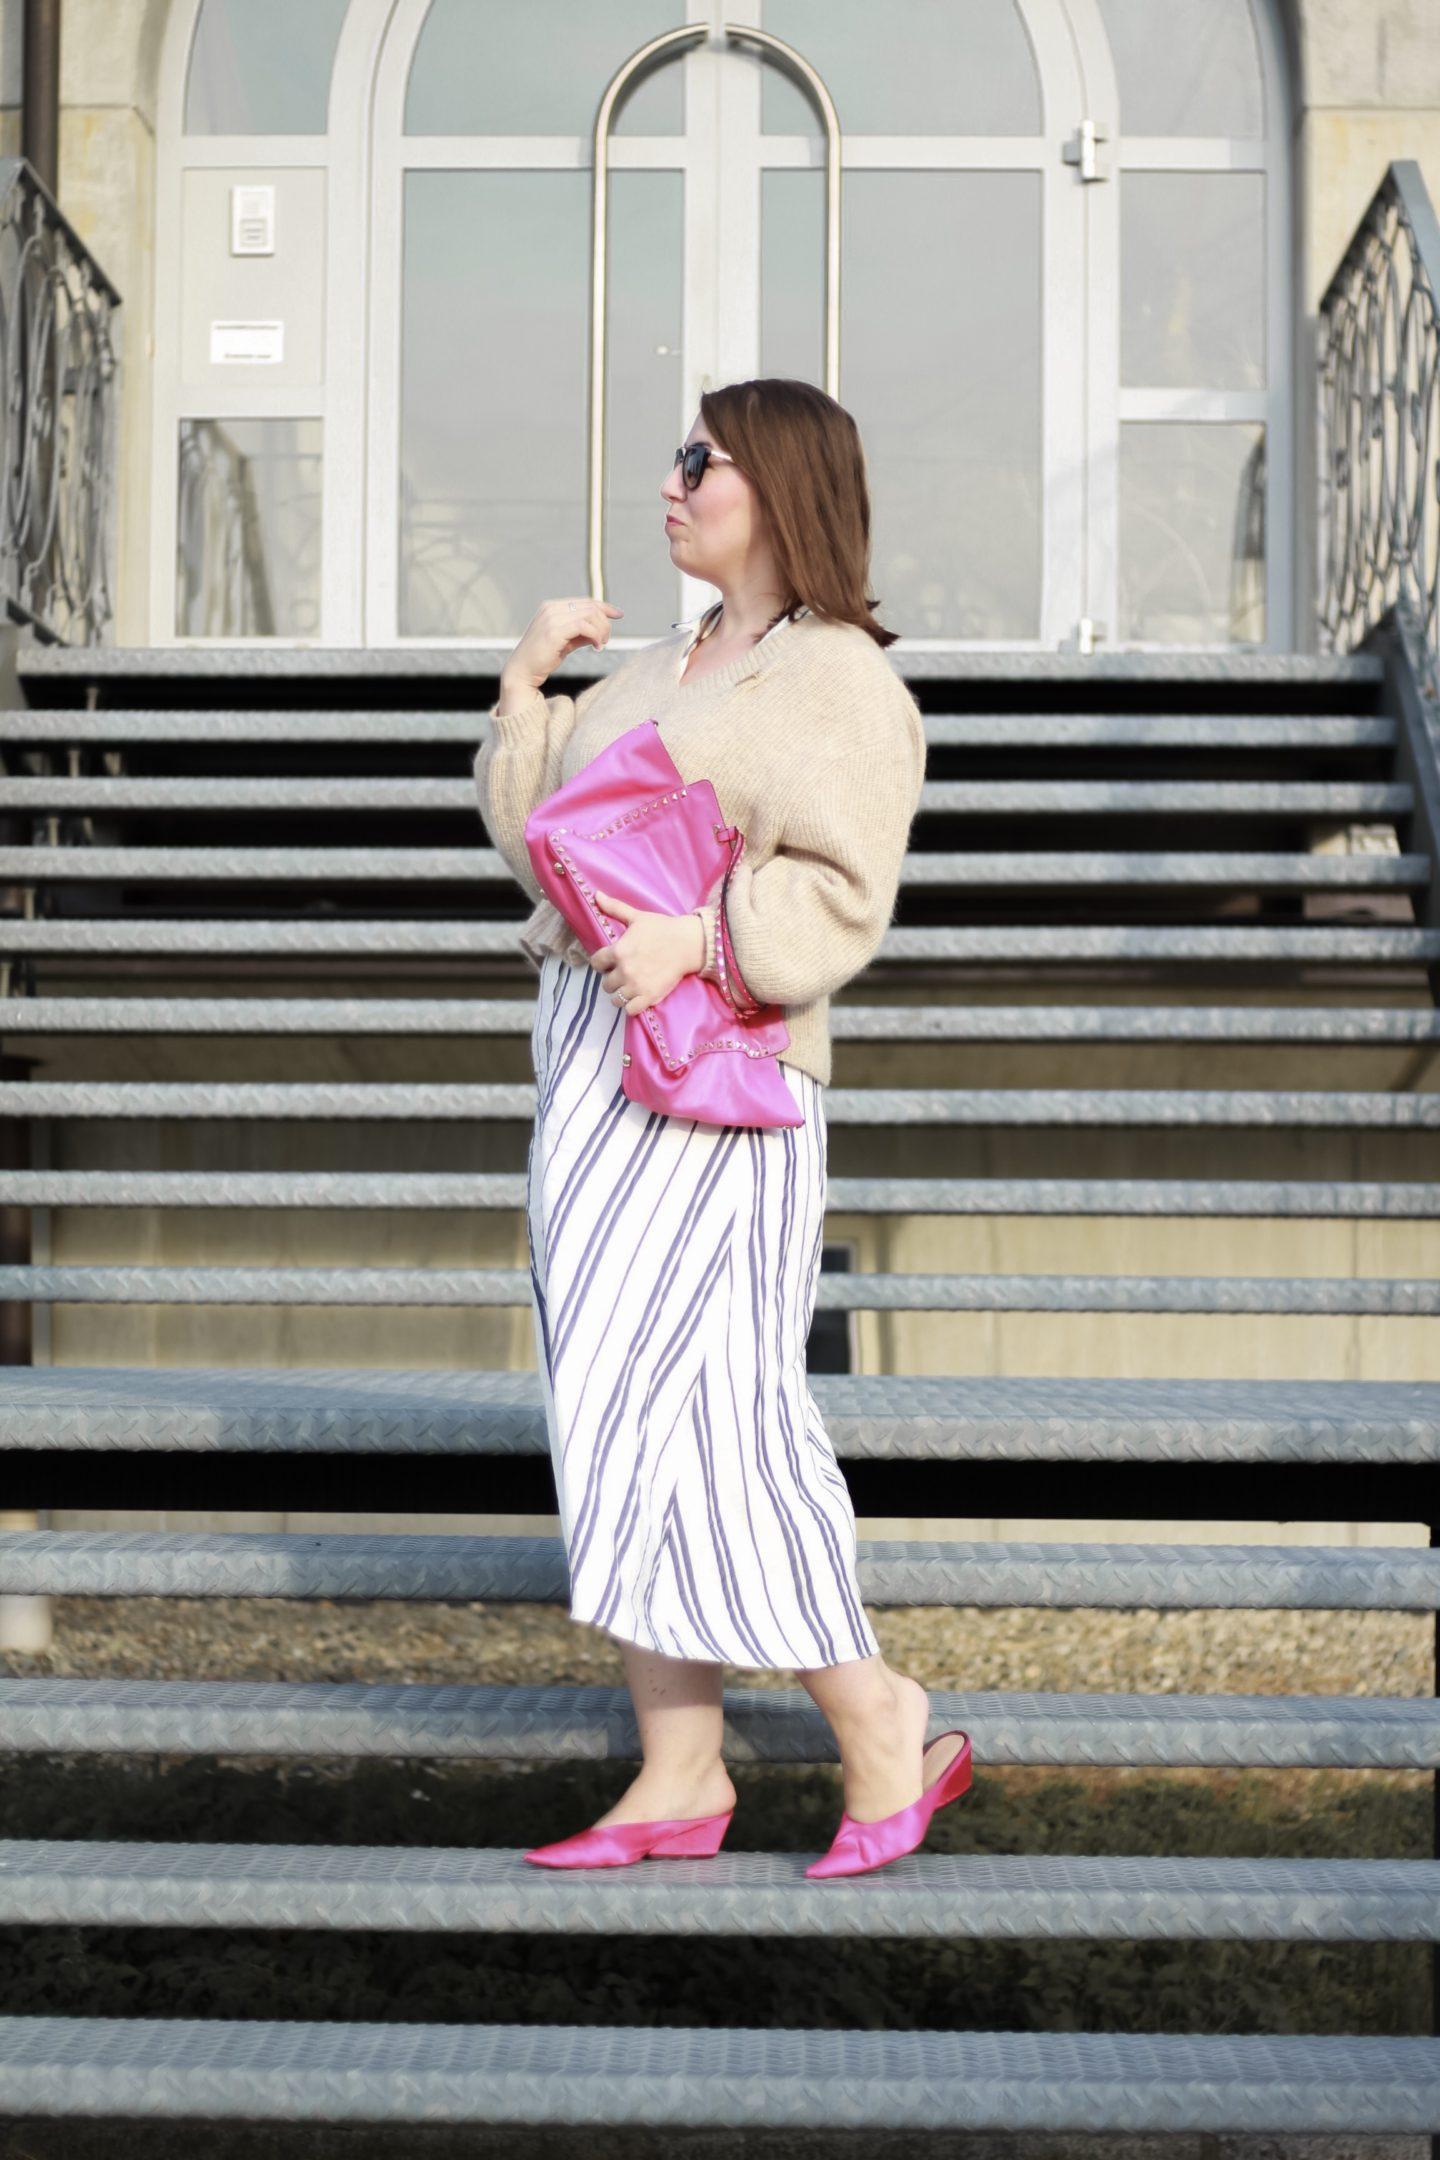 Midikleid-im-Herbst-kombinieren-Miss-Suzie-Loves-Susanne-Heidebach-Kleid-kombinieren-Outfit-Inspiration-Valentino-Shopper-Fashionblogger-Deutschland